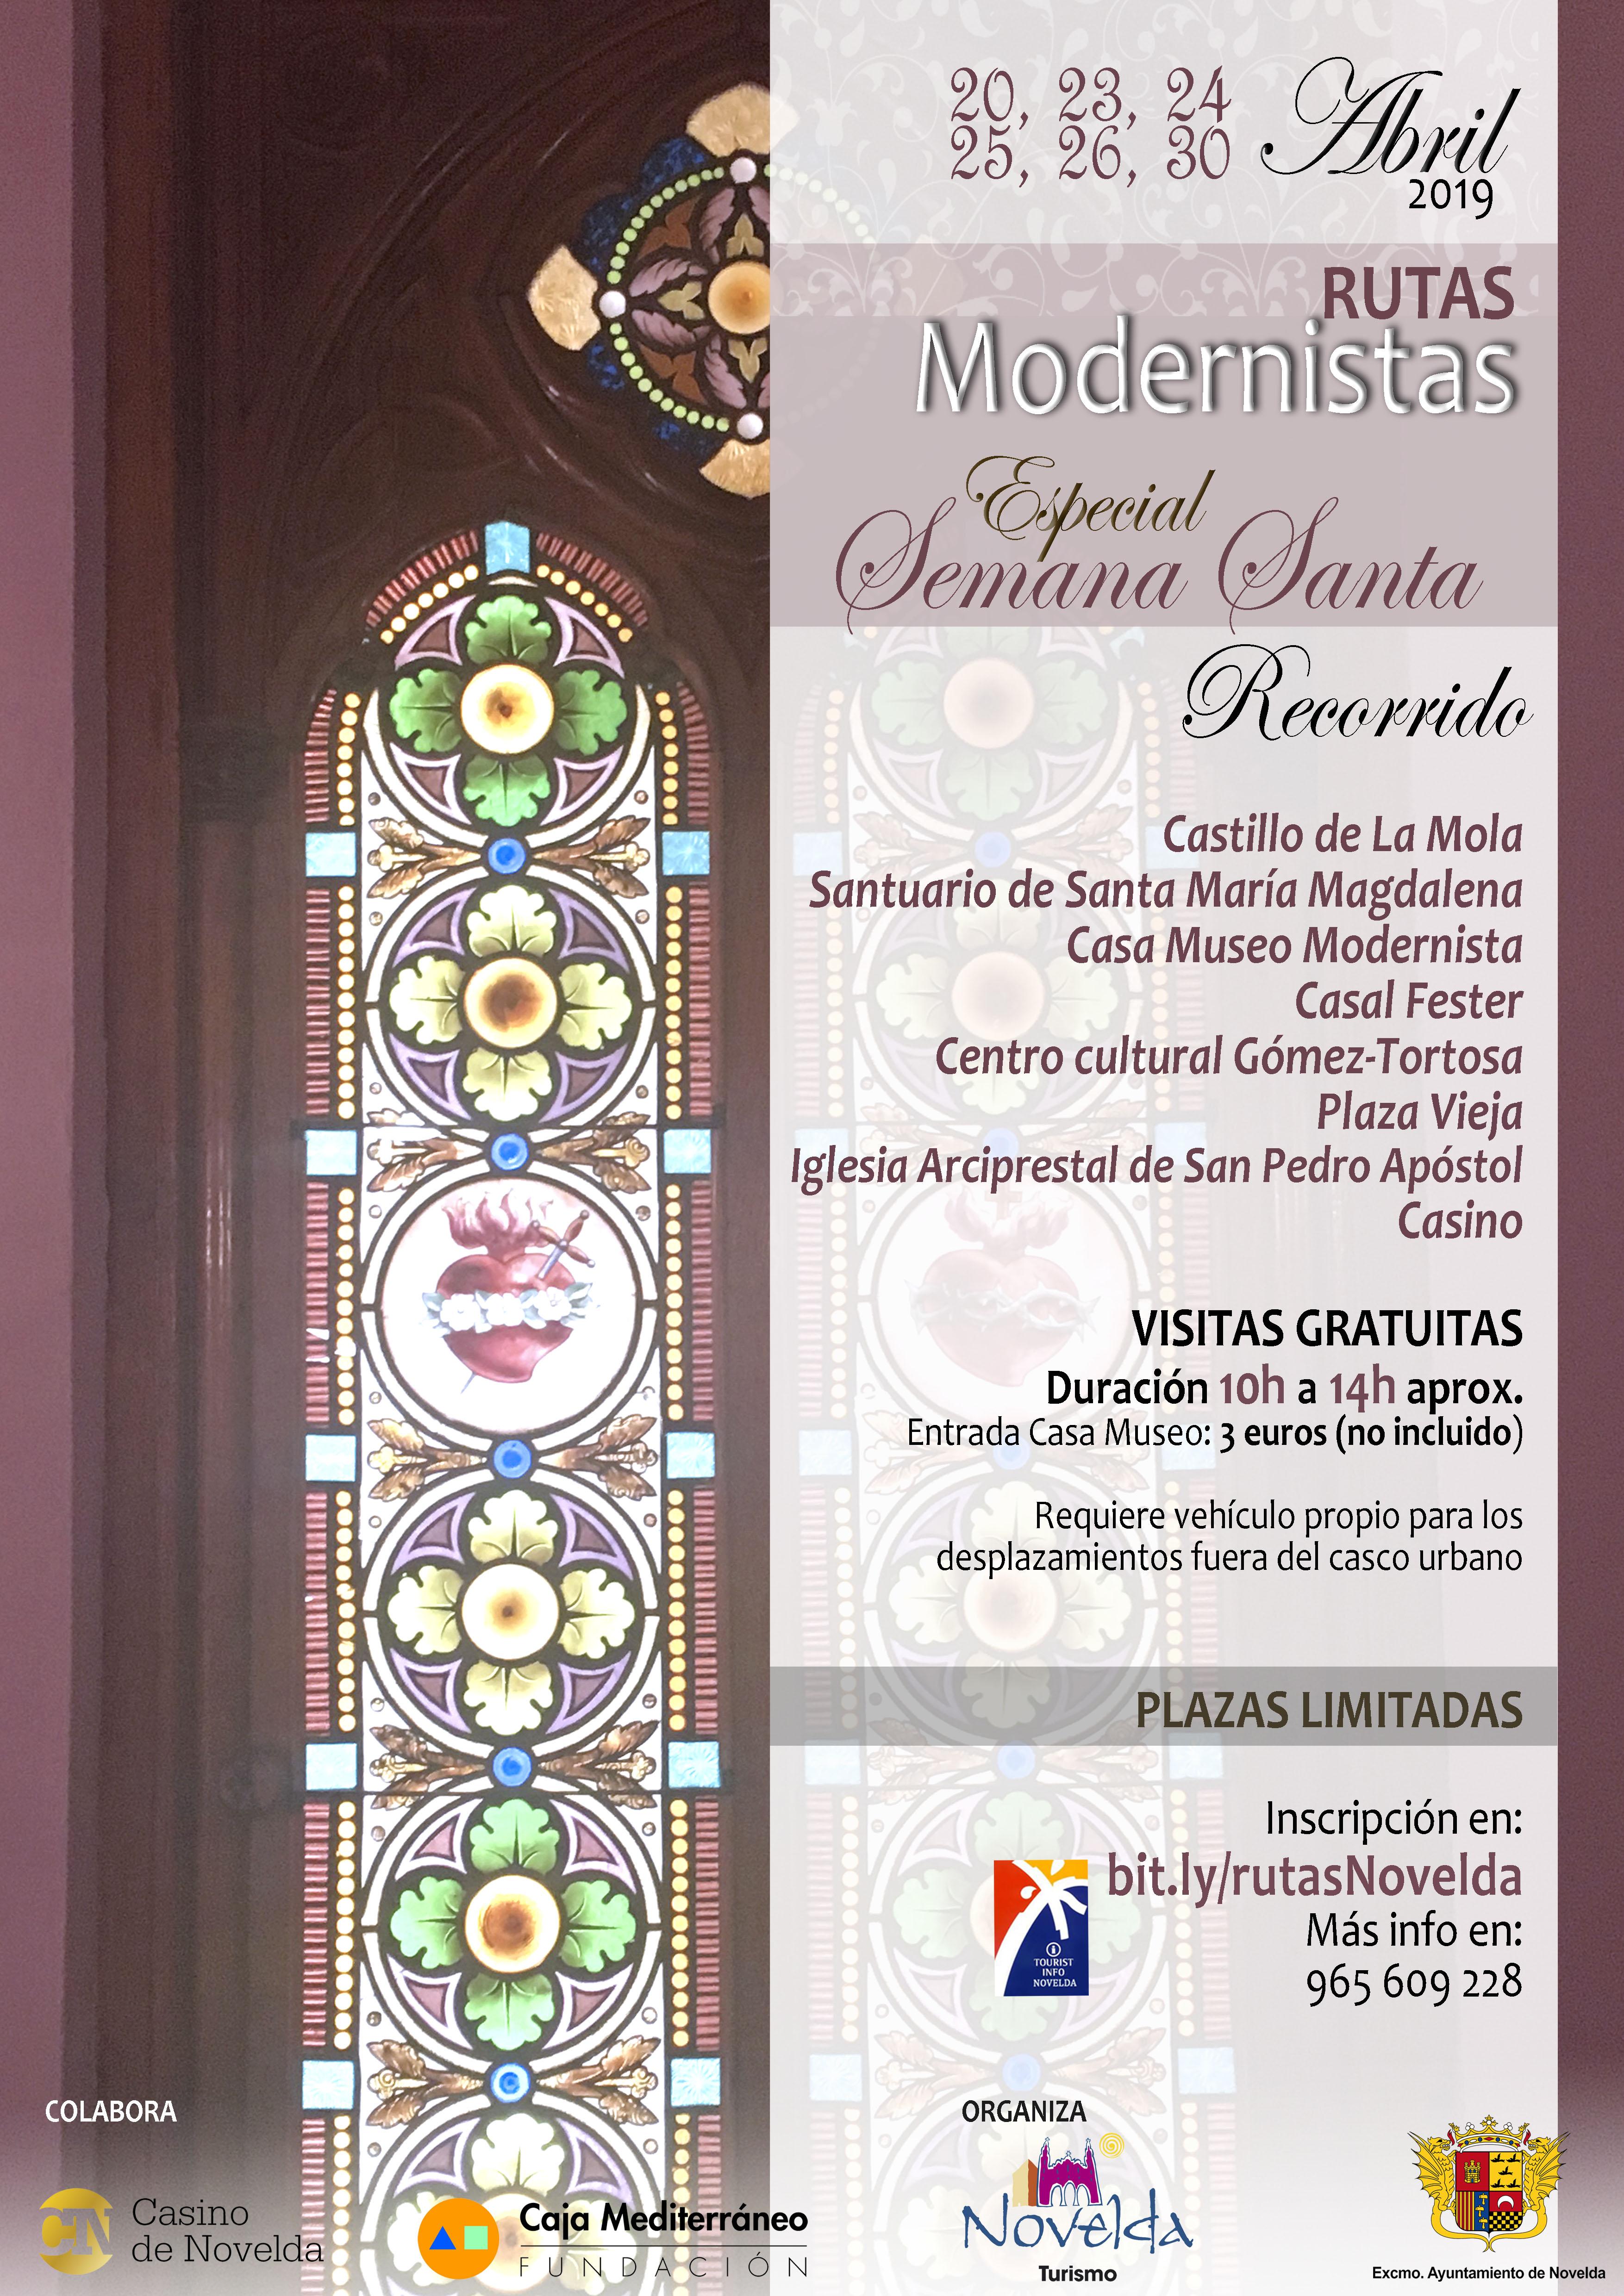 Ruta Modernista semana santa